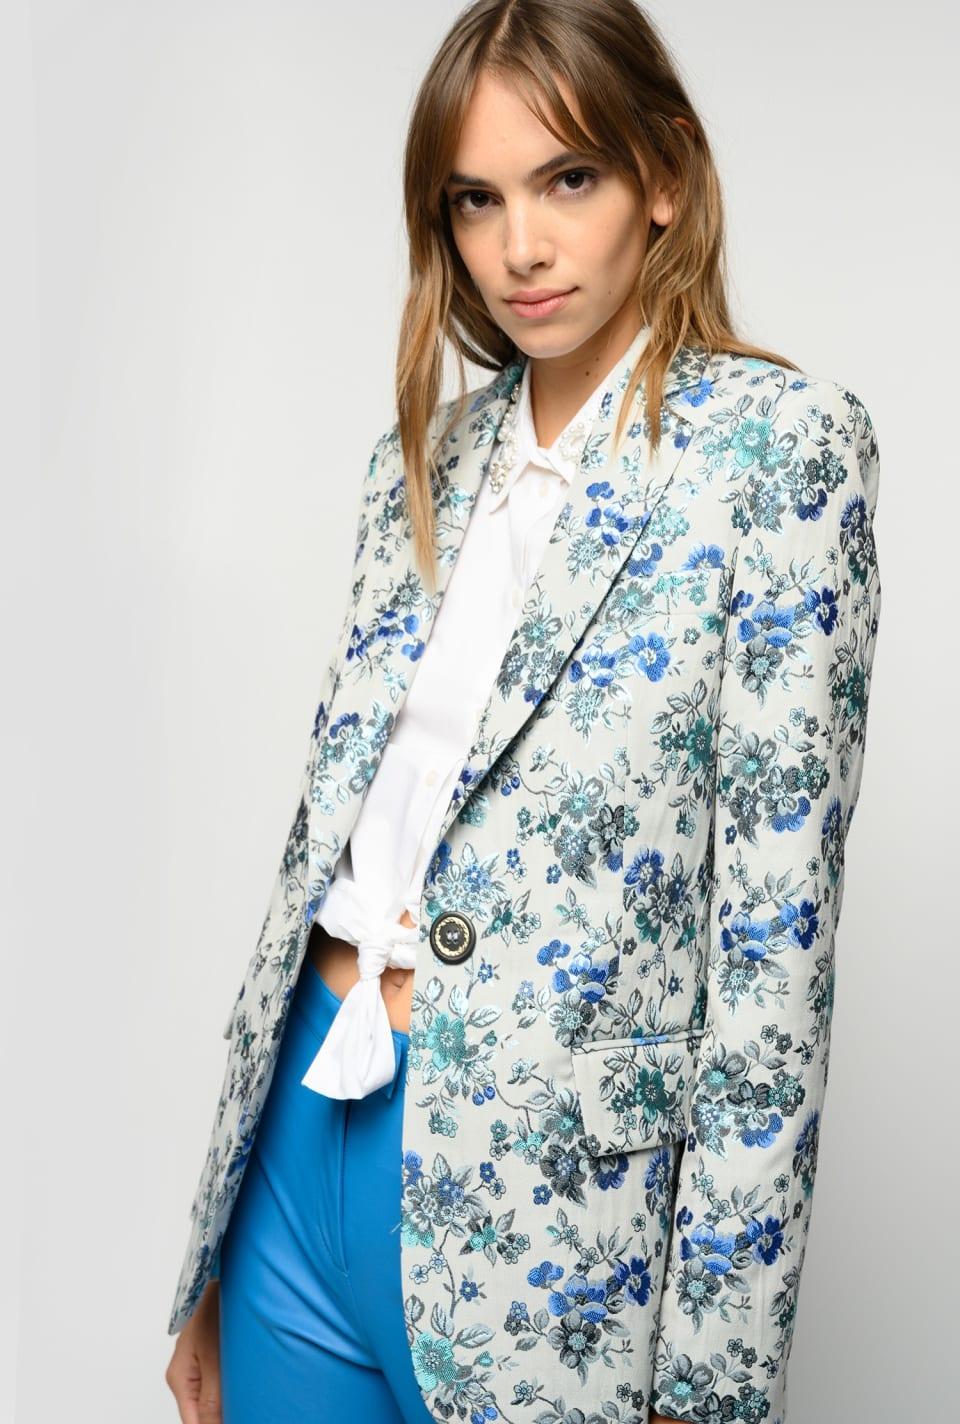 Floral brocade blazer - Pinko